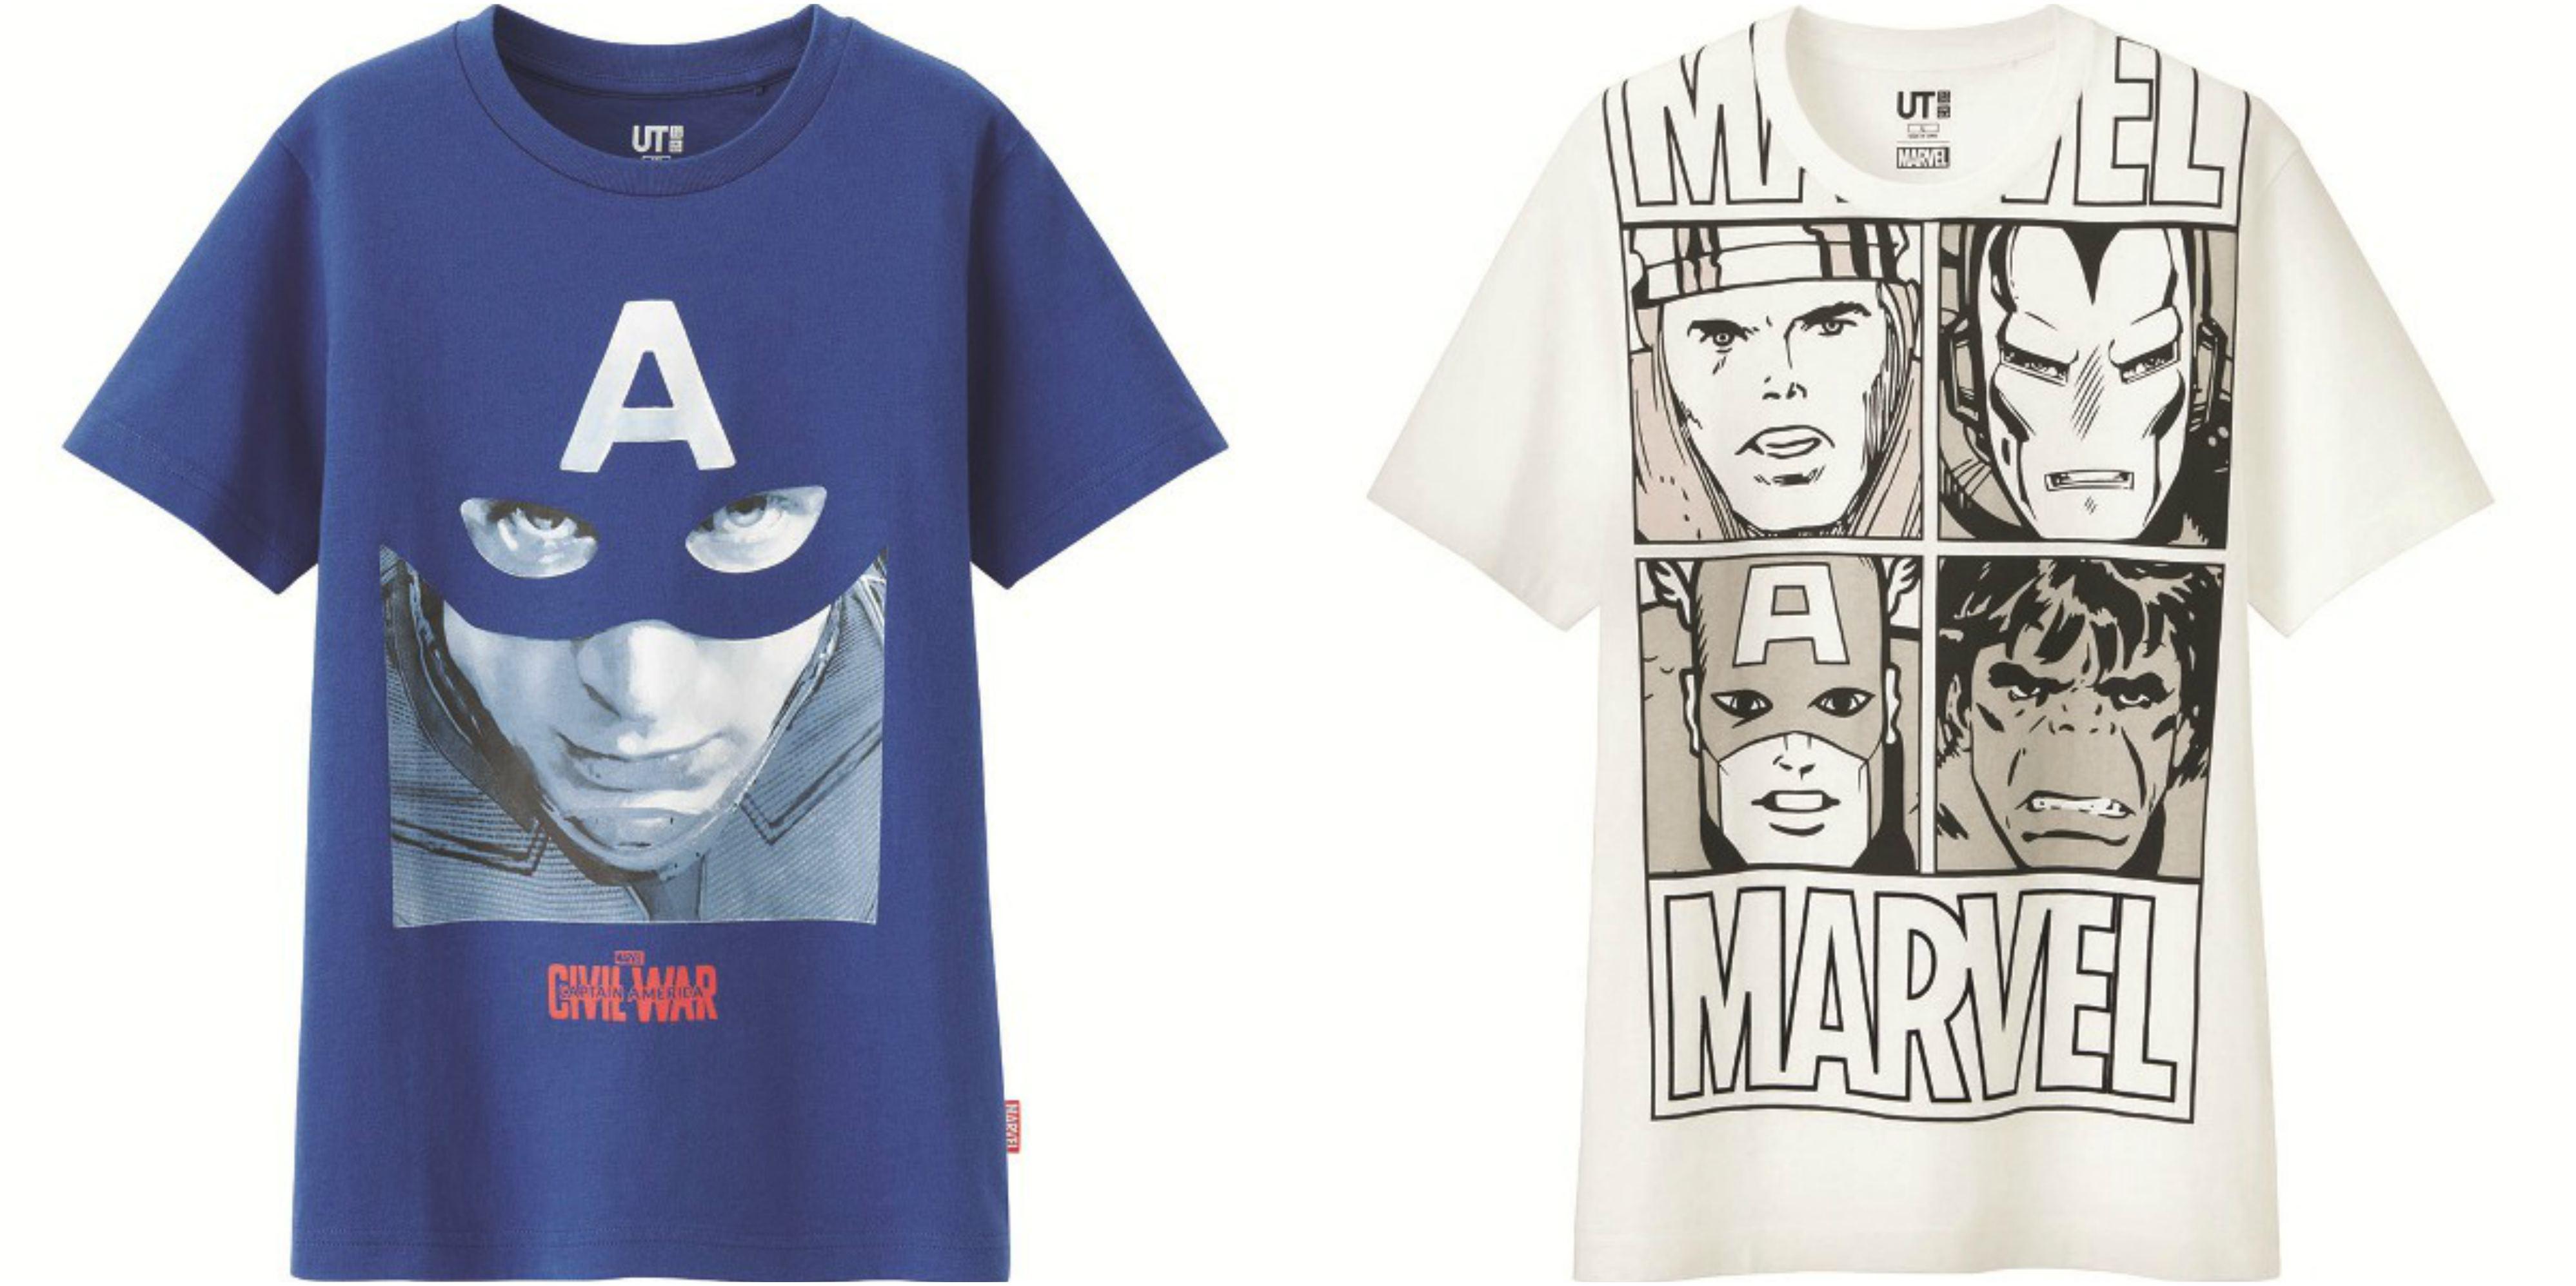 Áo T-shirt - Bức phông nền cho những trào lưu văn hoá - Hình 5